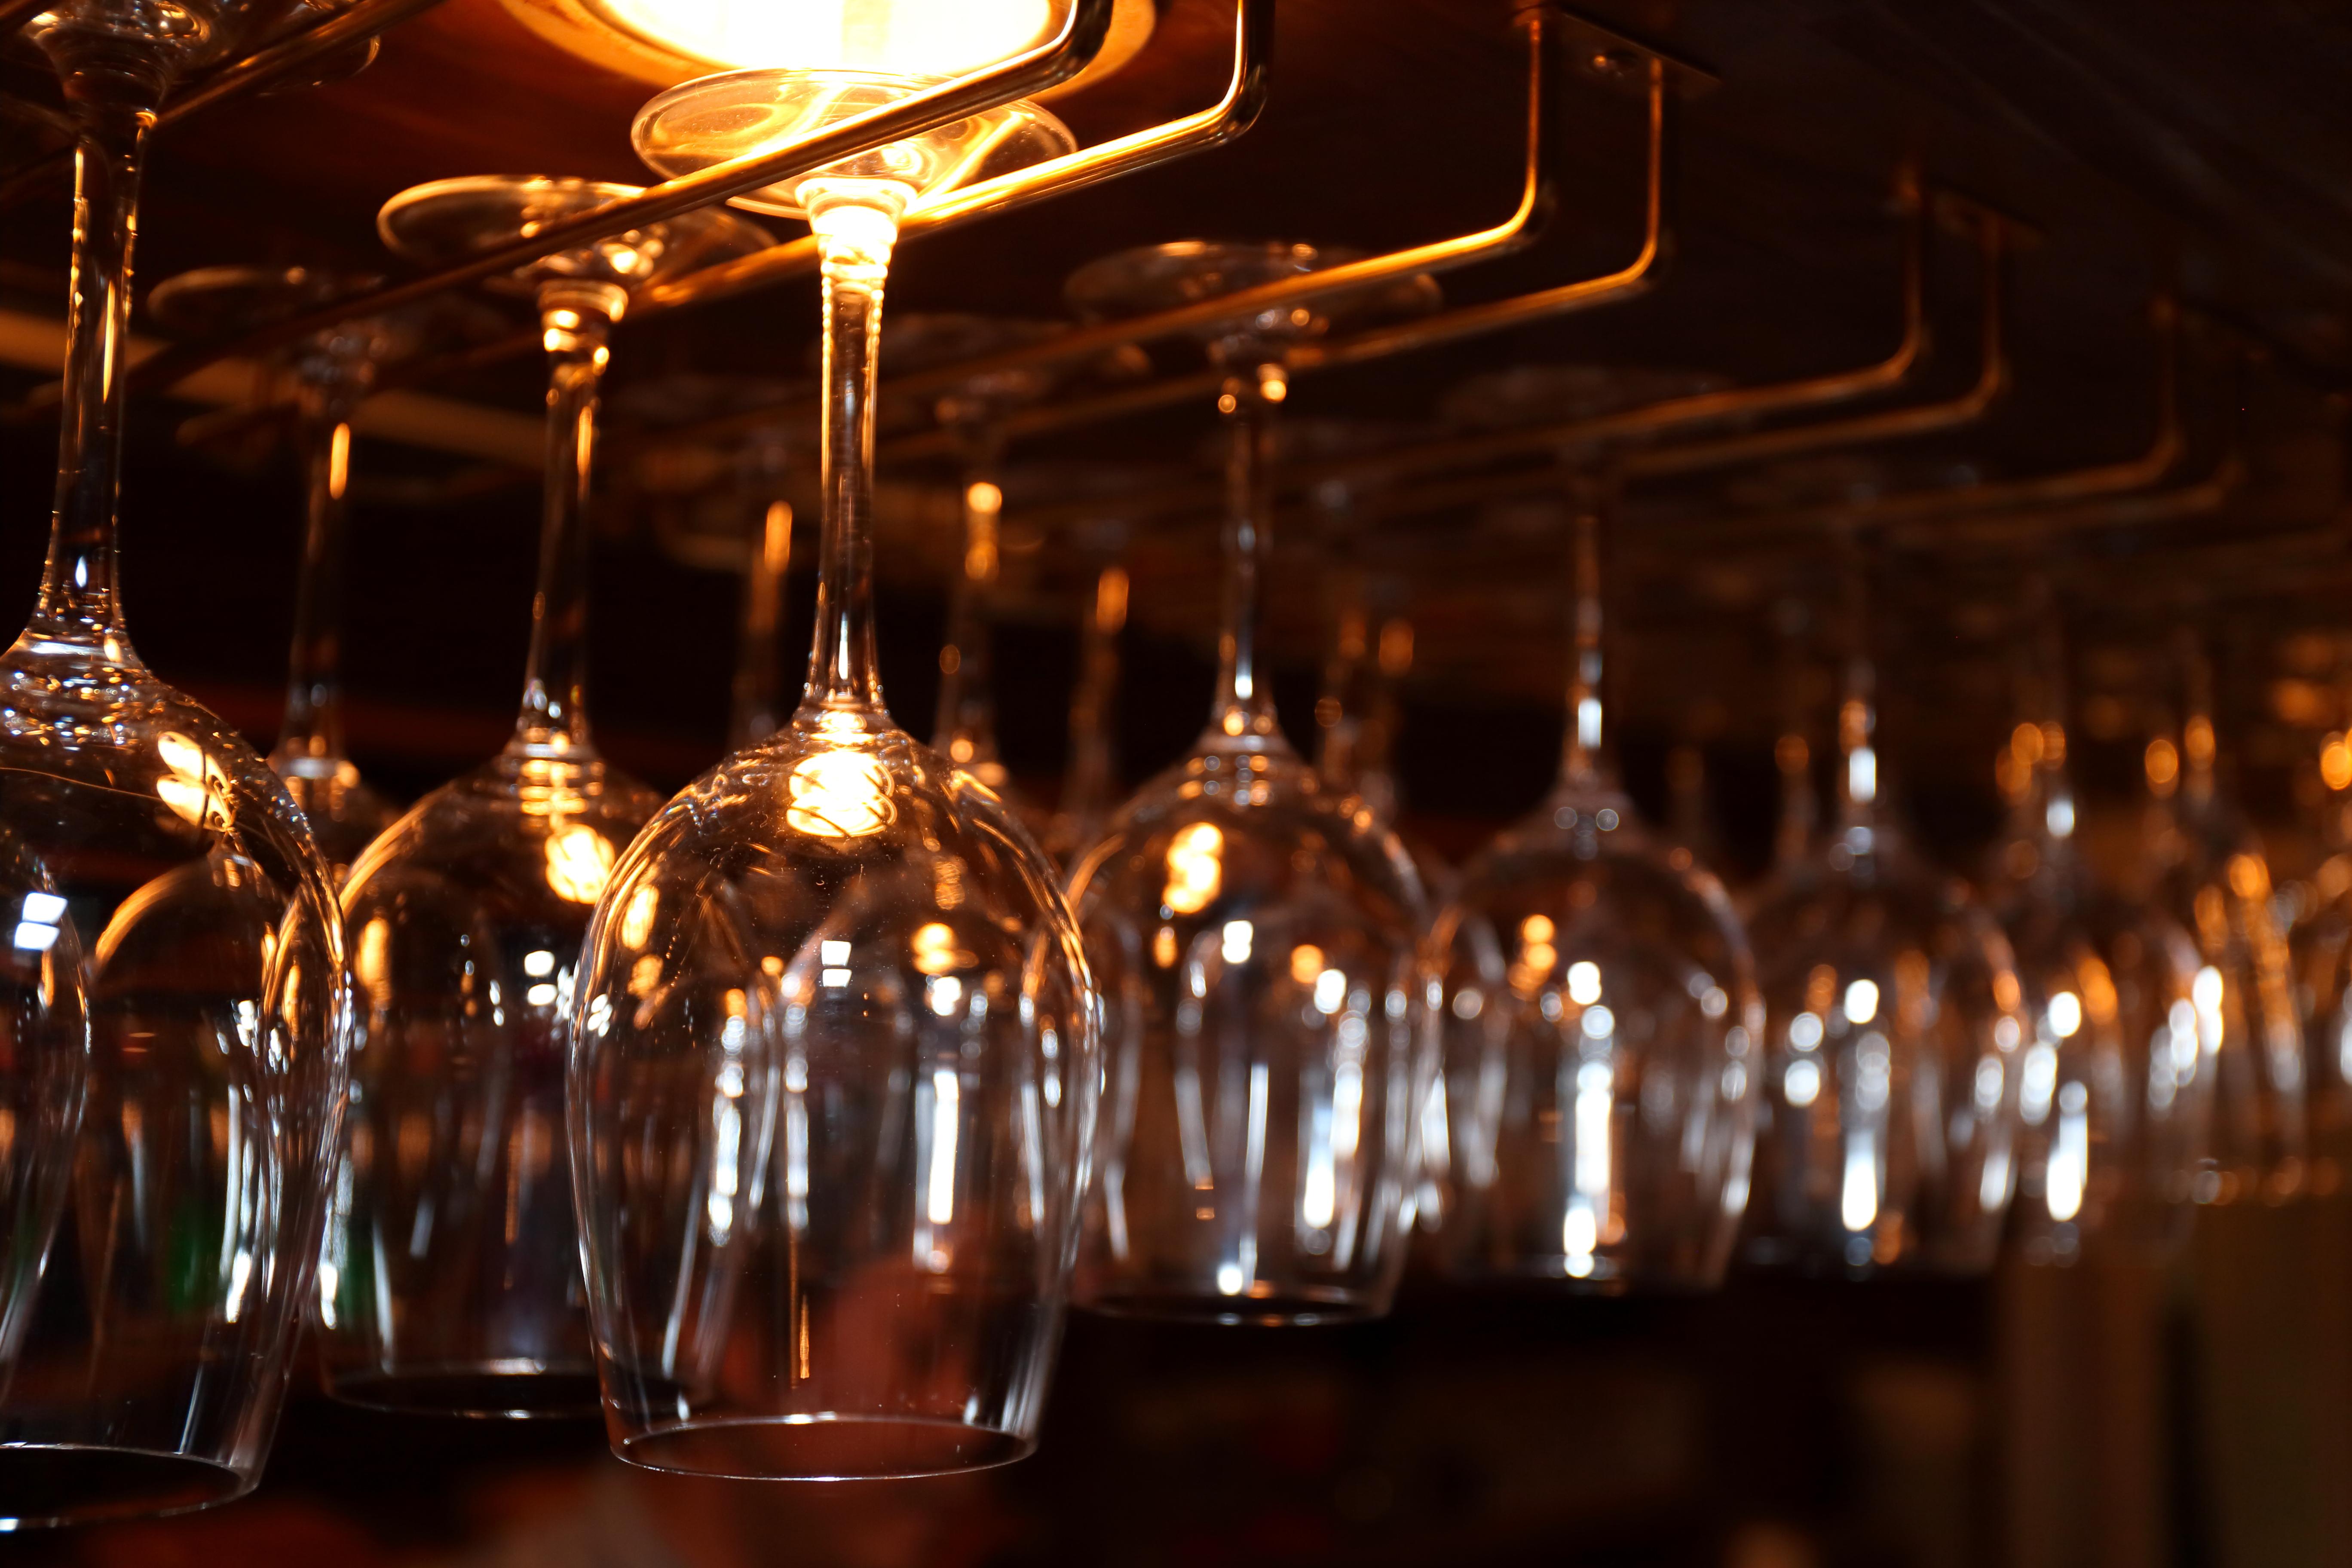 熊本のワインを堪能!おすすめのワインバーや人気のワイナリーもご紹介!